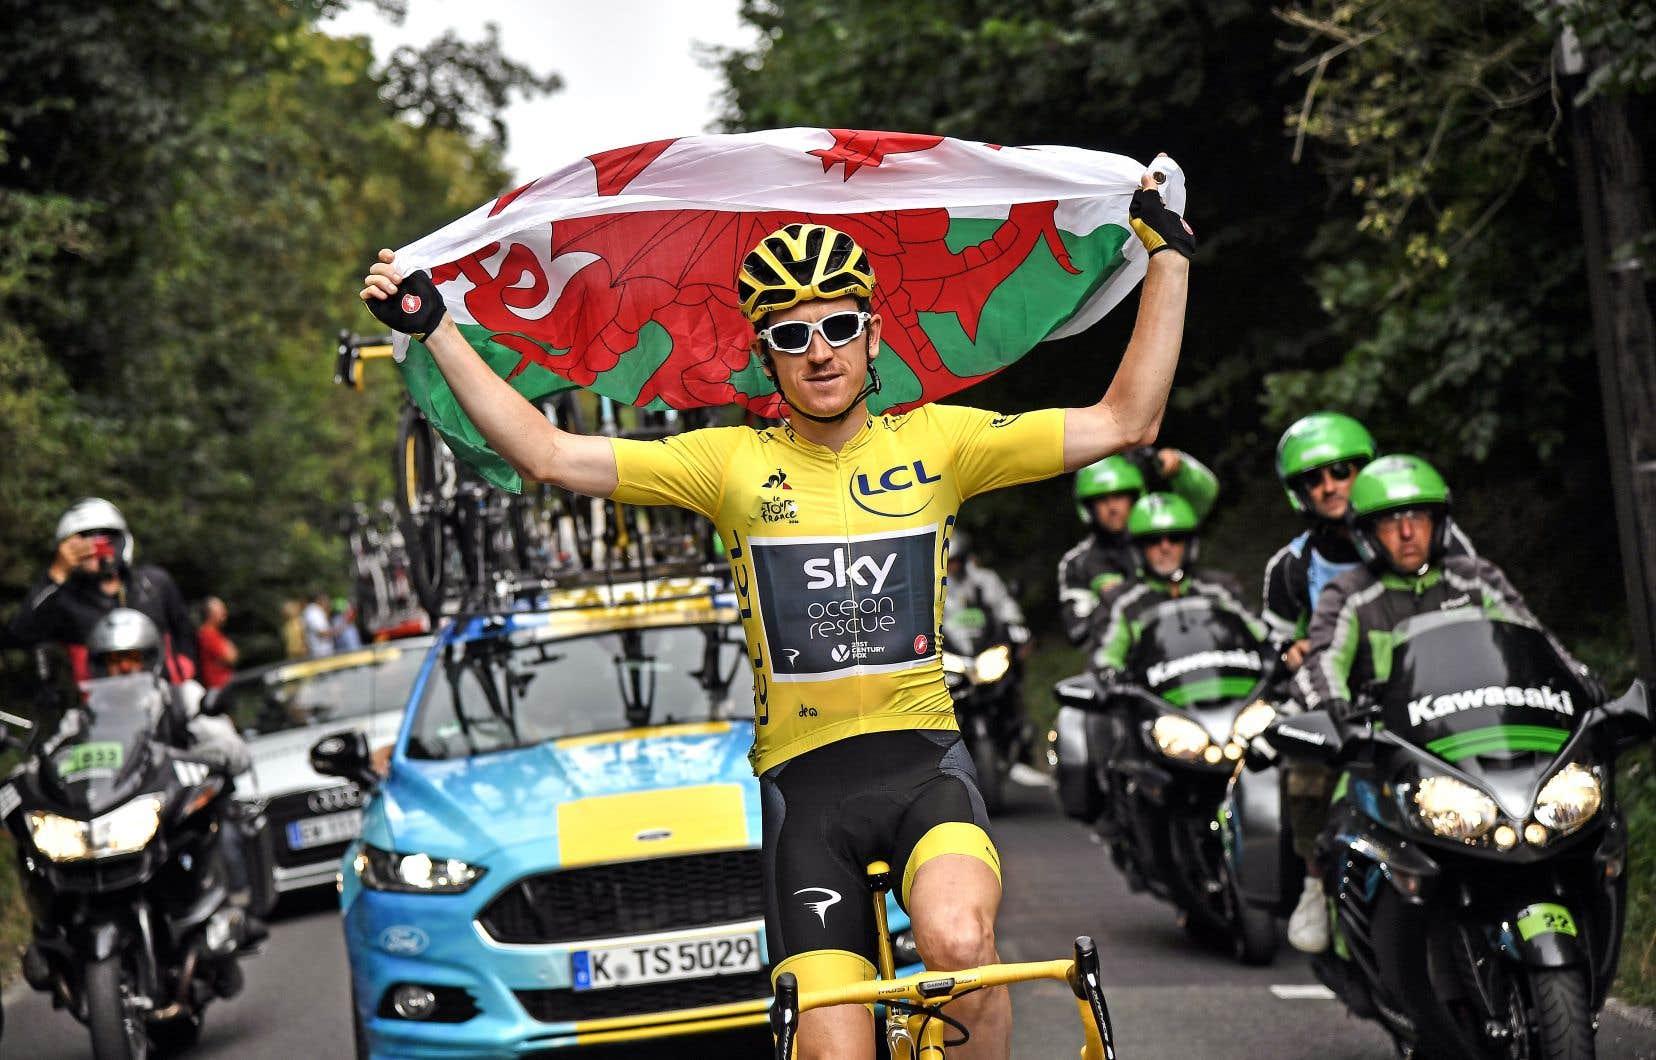 Geraint Thomas a arboré dimanche le drapeau du Pays de Galles pour célébrer son premier Tour de France.